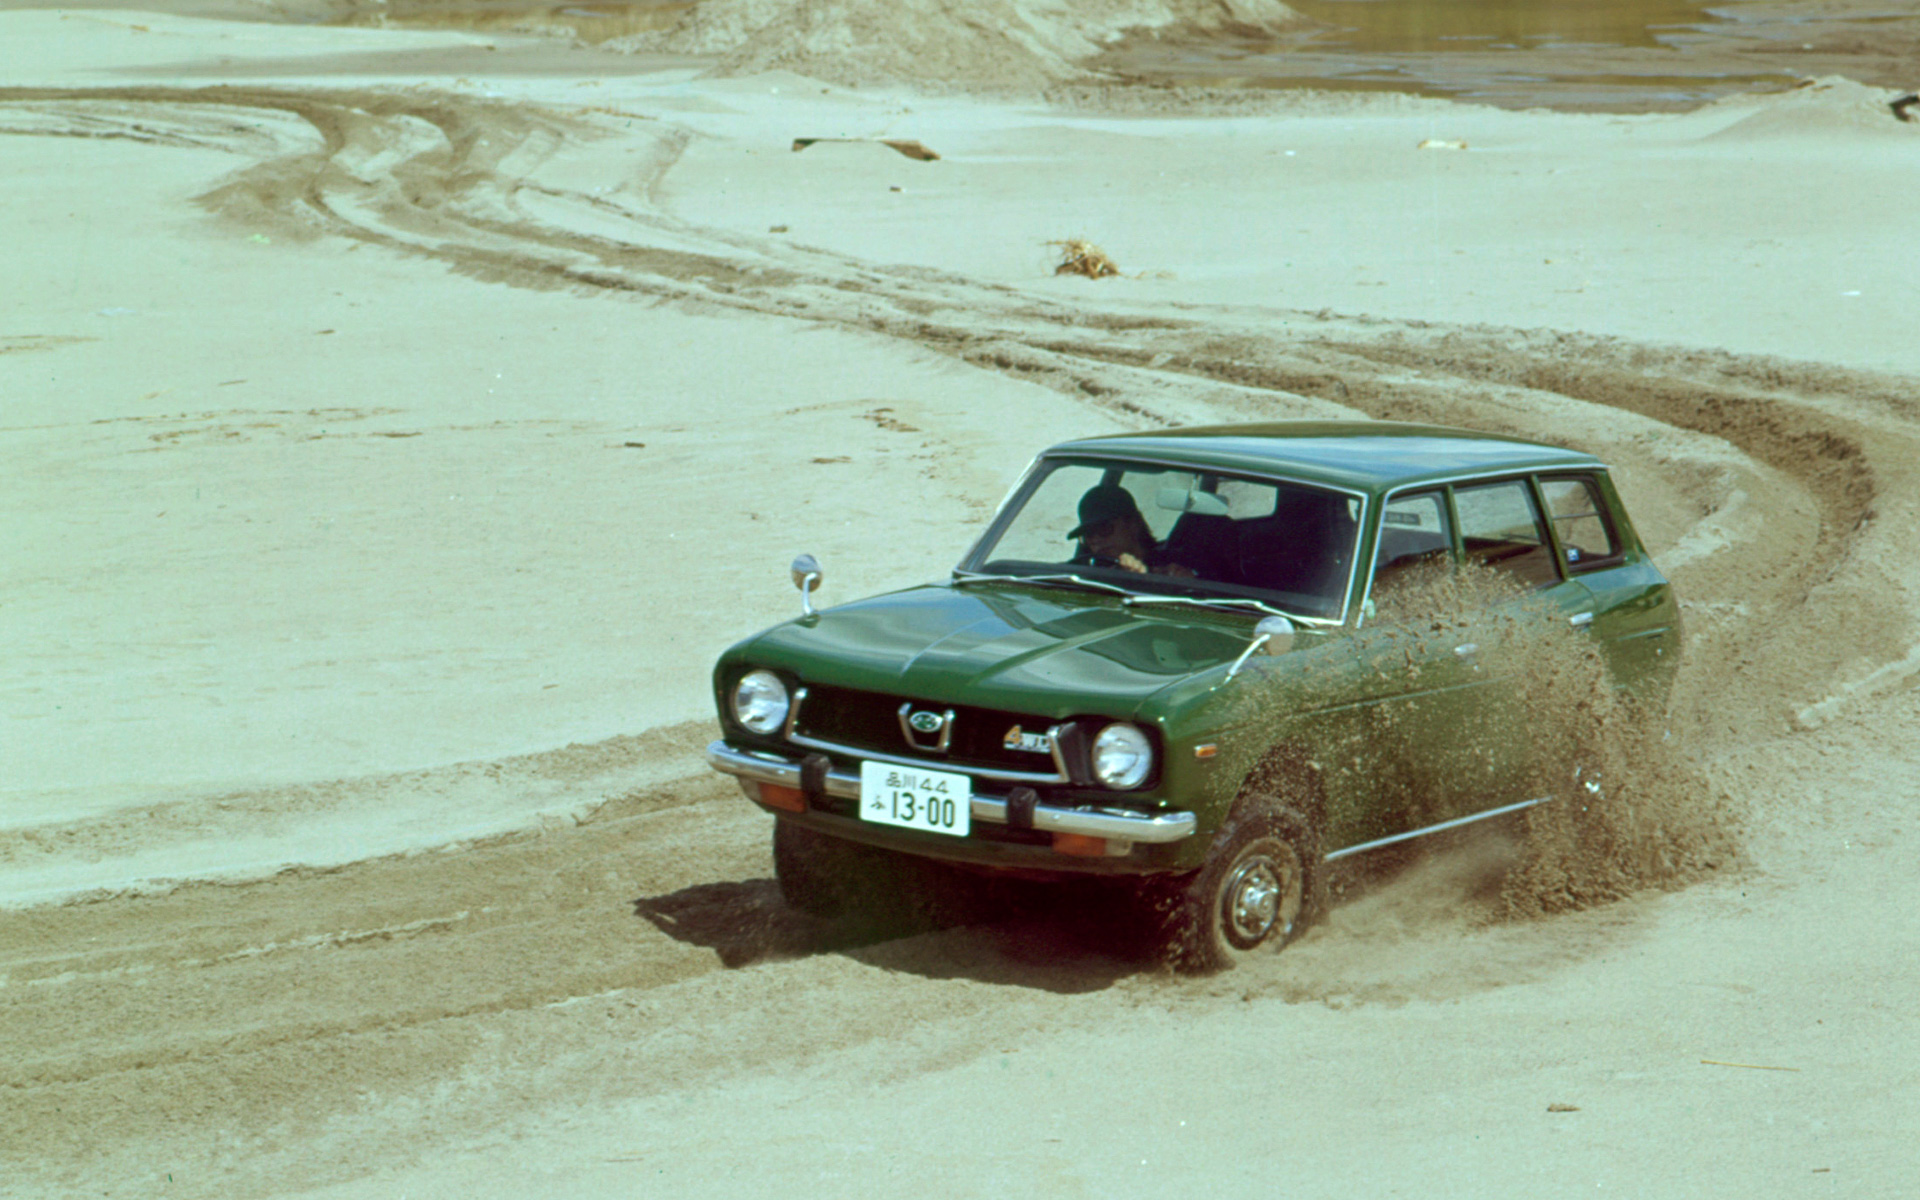 スバル レオーネ 4WD エステートバン